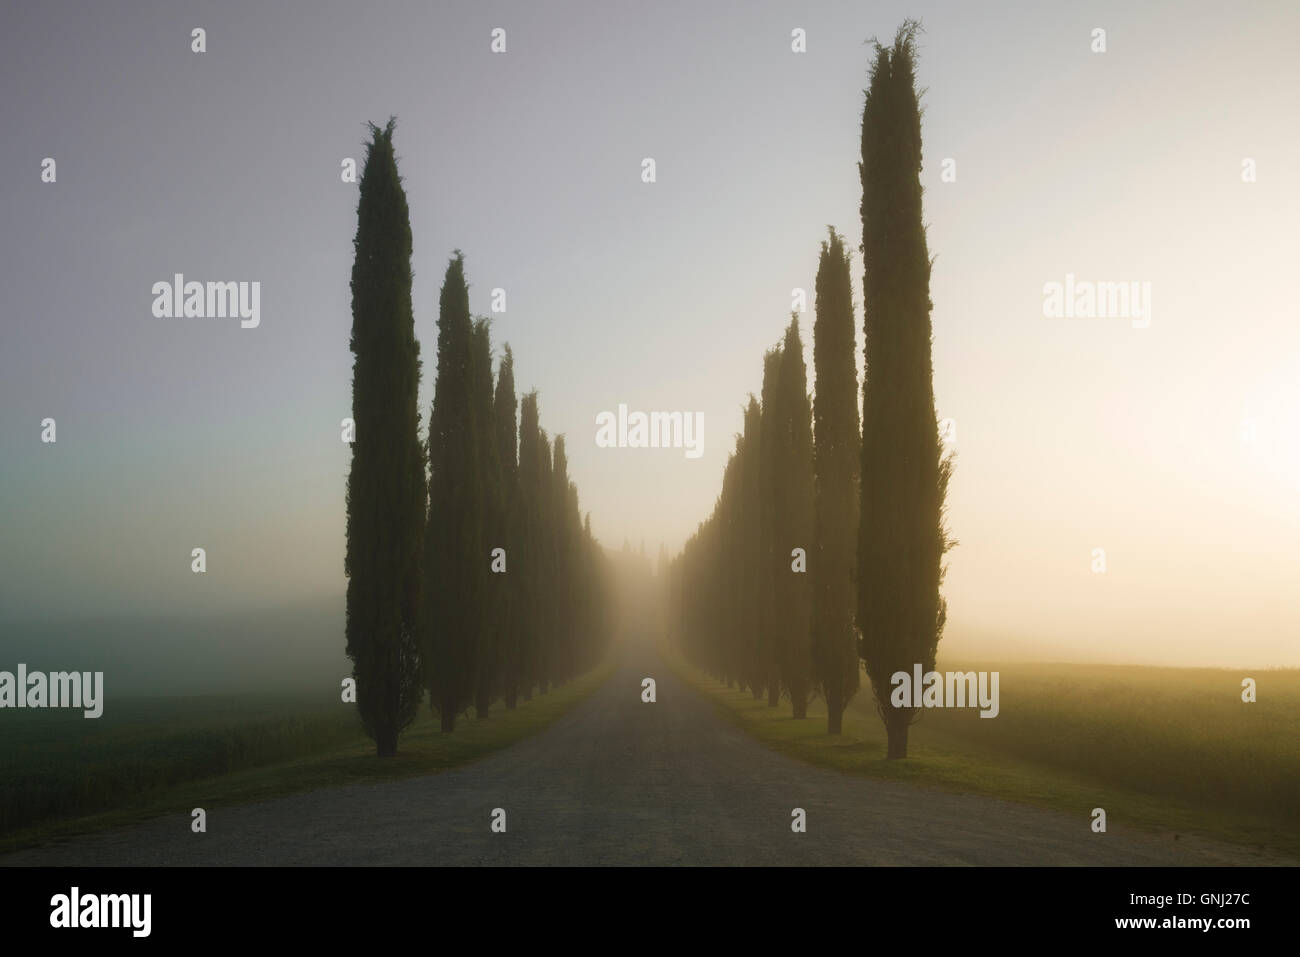 Carreteras arboladas cerca de Val d'Orcia, Toscana, Italia Imagen De Stock